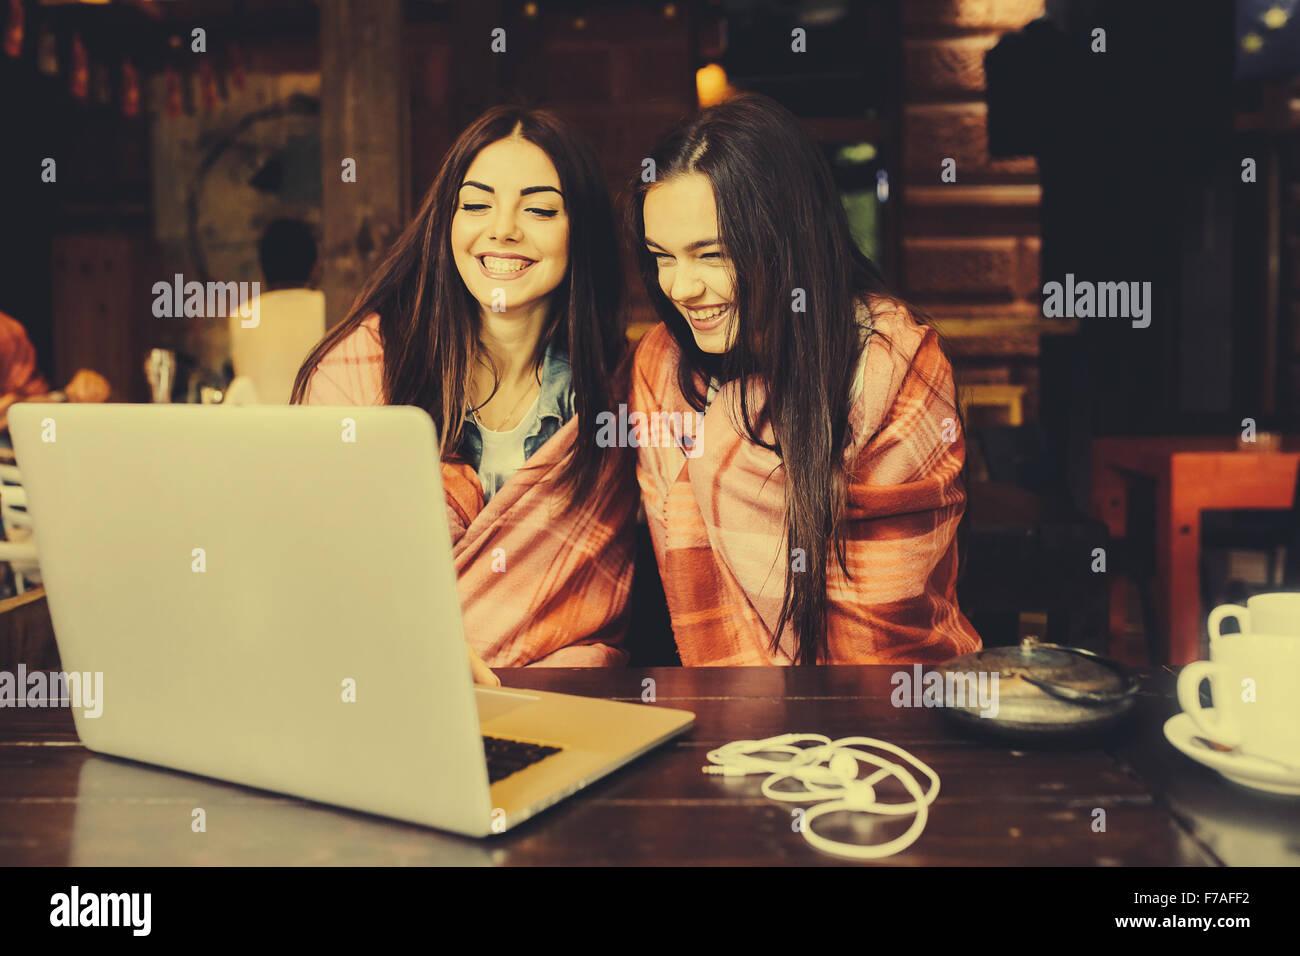 two girls watching something in laptop - Stock Image